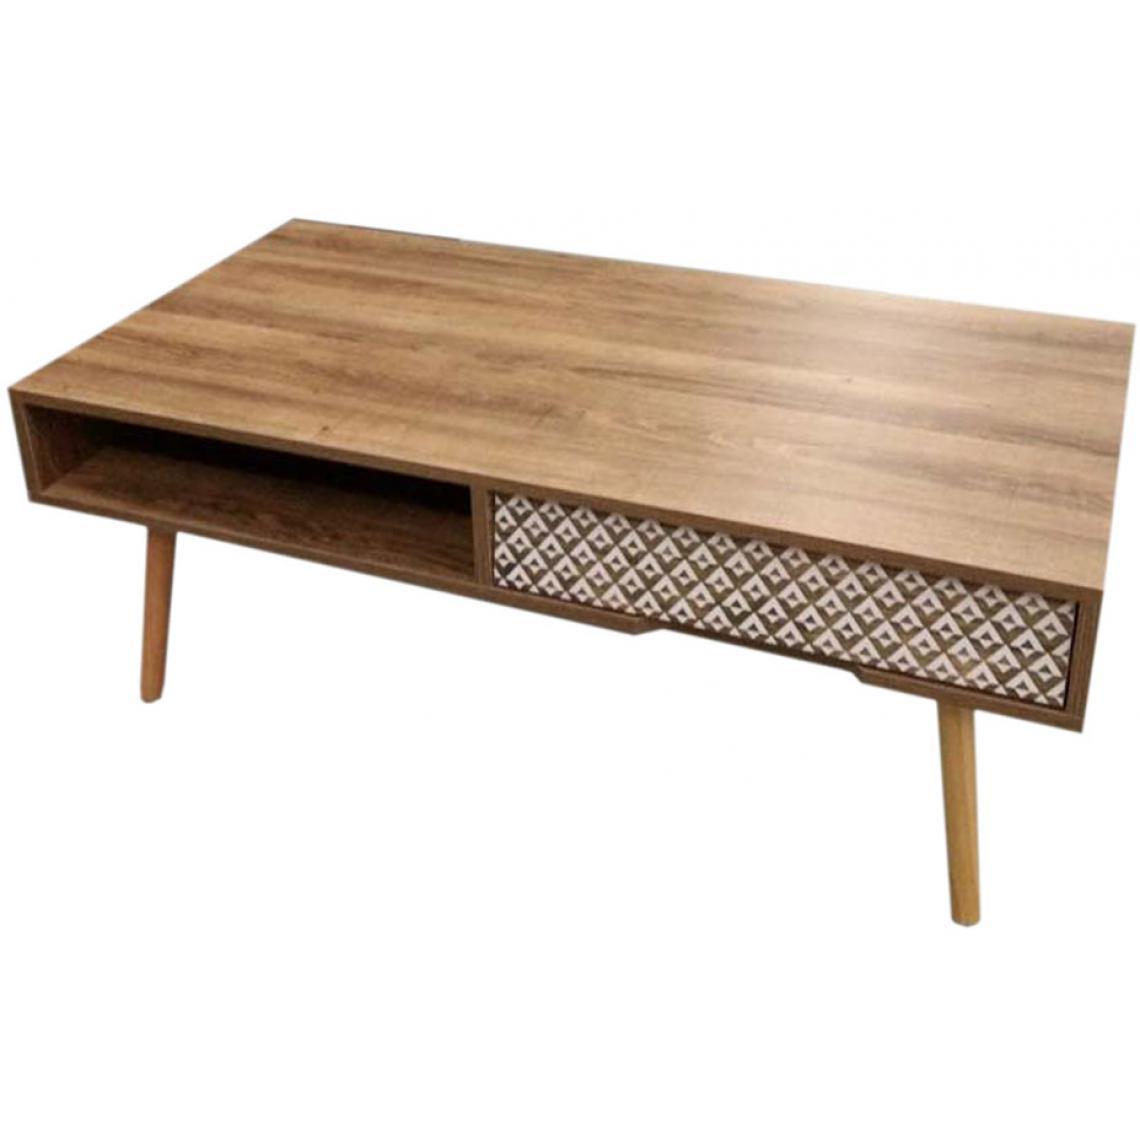 table basse avec tiroir en bois schleswig 3 suisses. Black Bedroom Furniture Sets. Home Design Ideas